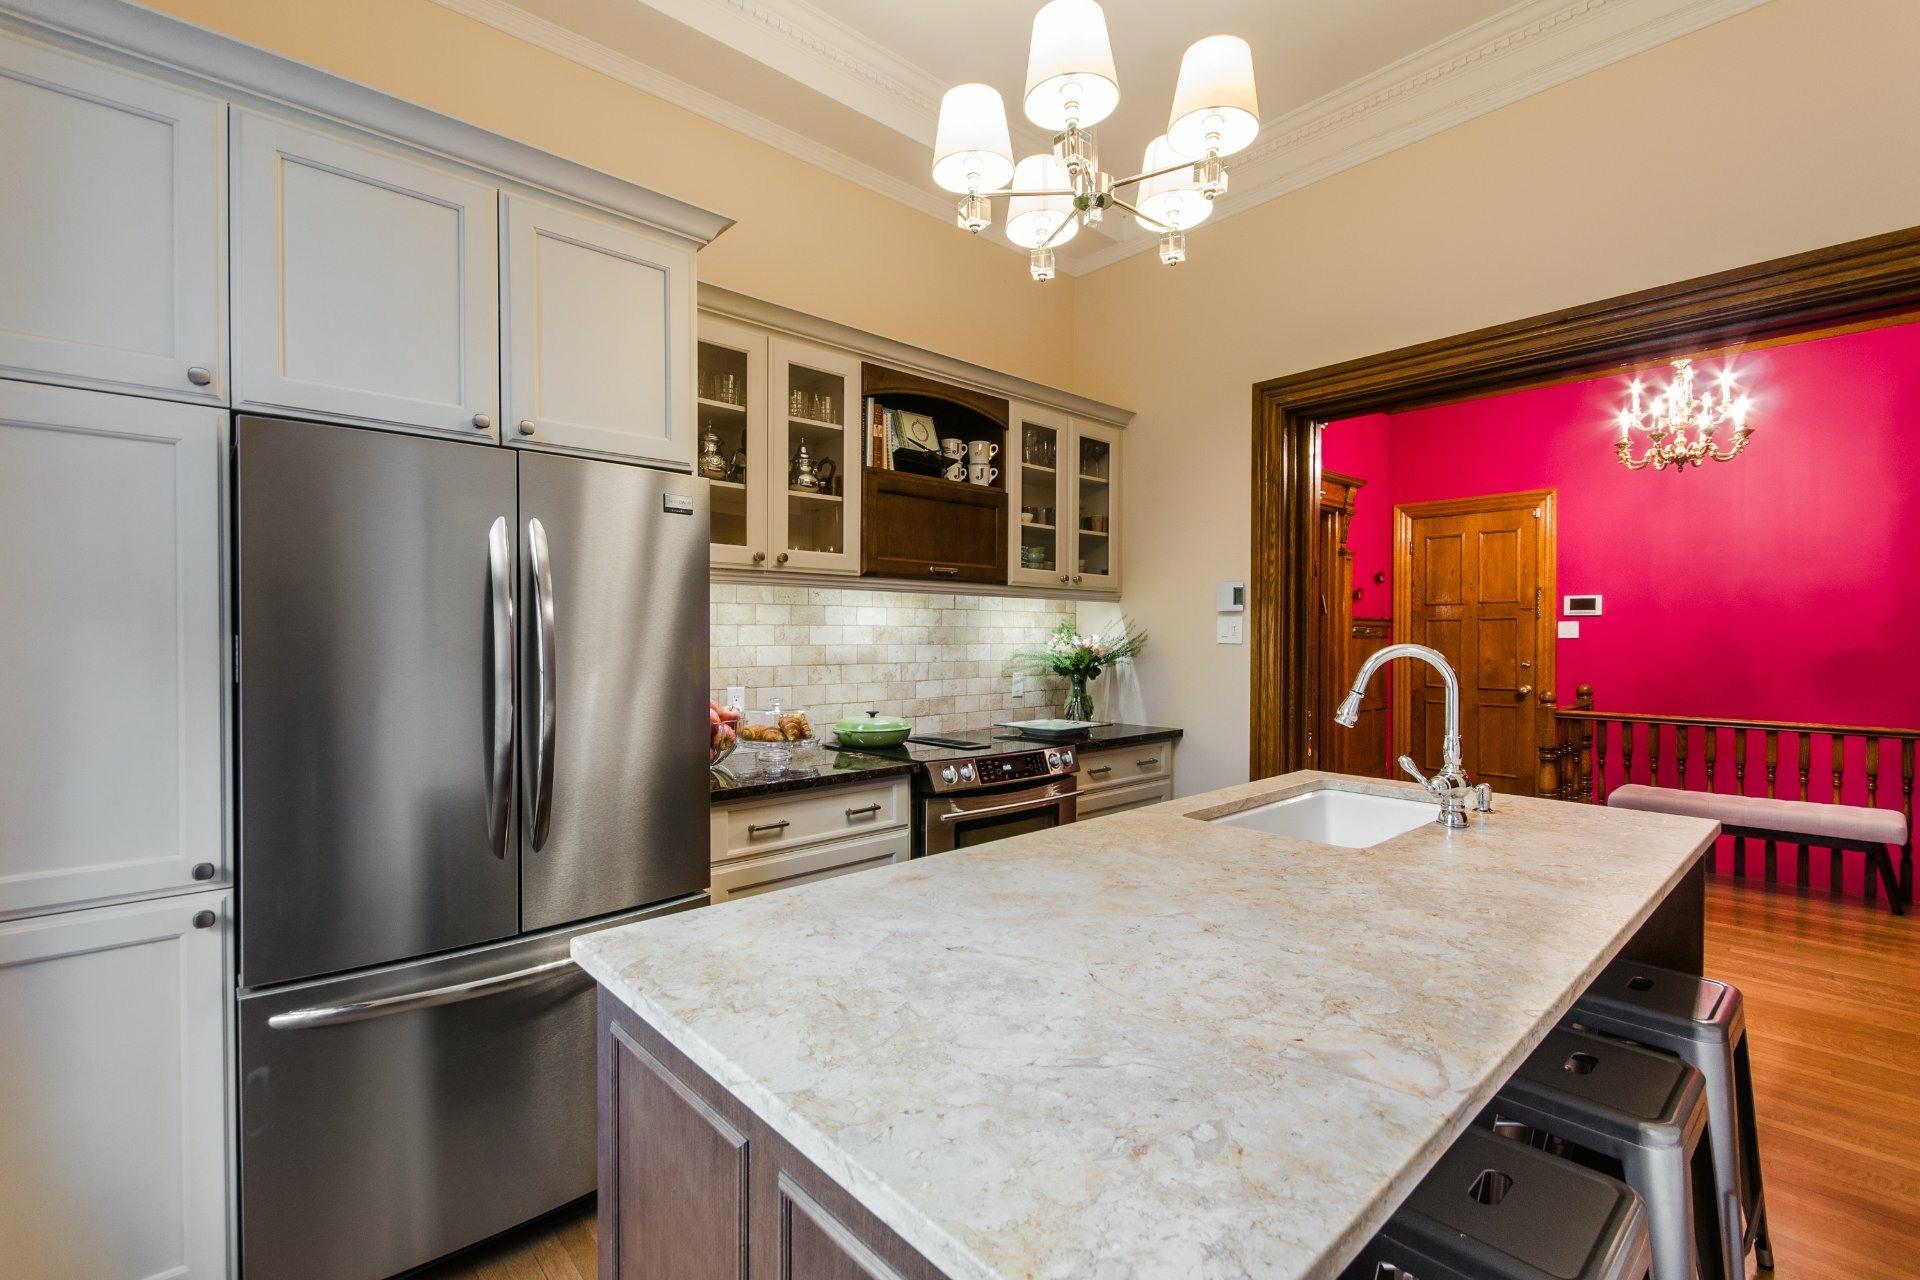 image 4 - Appartement À louer Montréal Ville-Marie  - 10 pièces